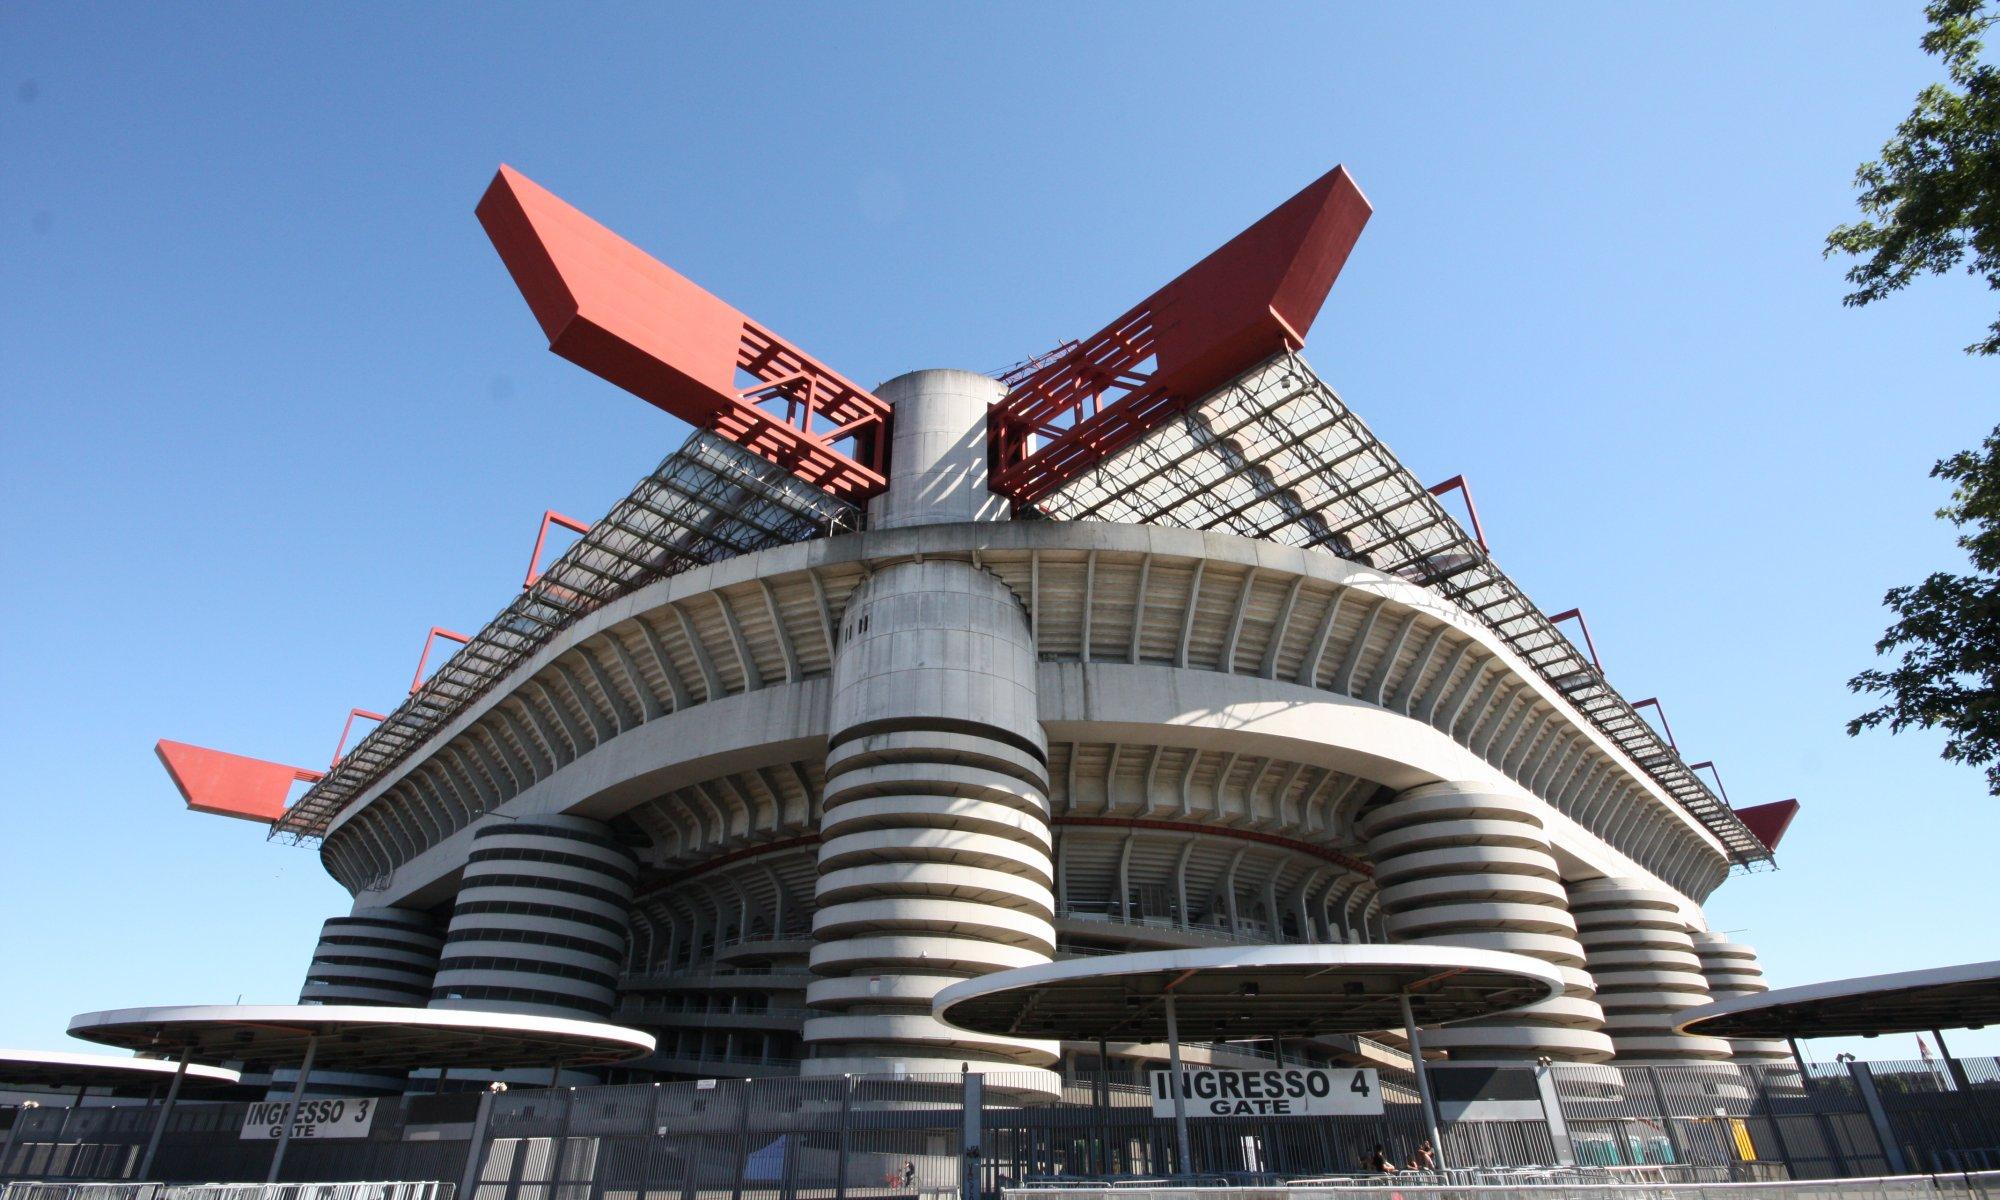 Stadio Giuseppe Meazza, Milano, Italy